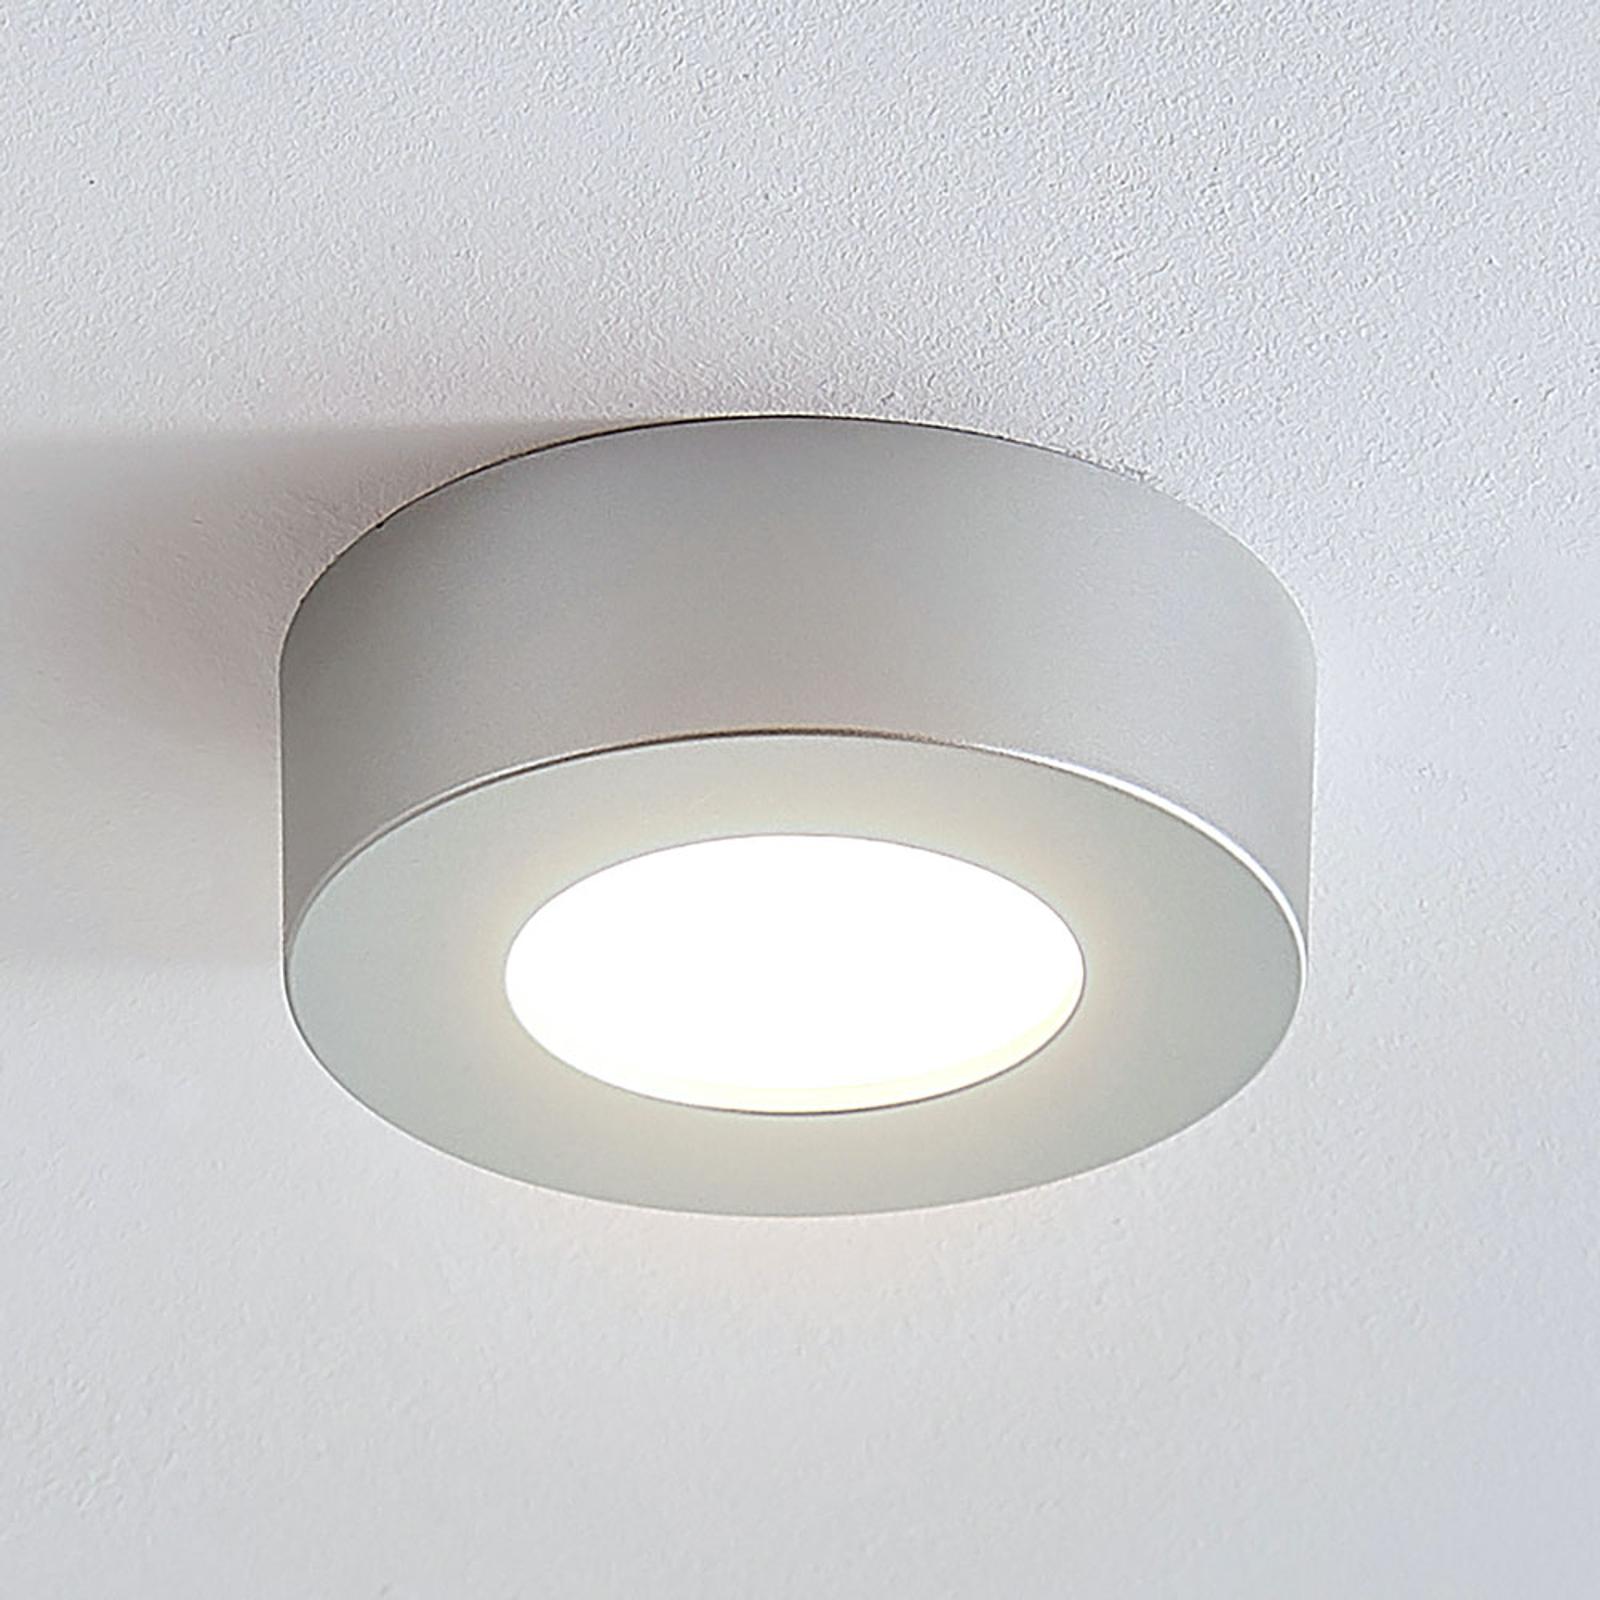 Plafoniera LED Marlo argento 3.000K rotonda 12,8cm